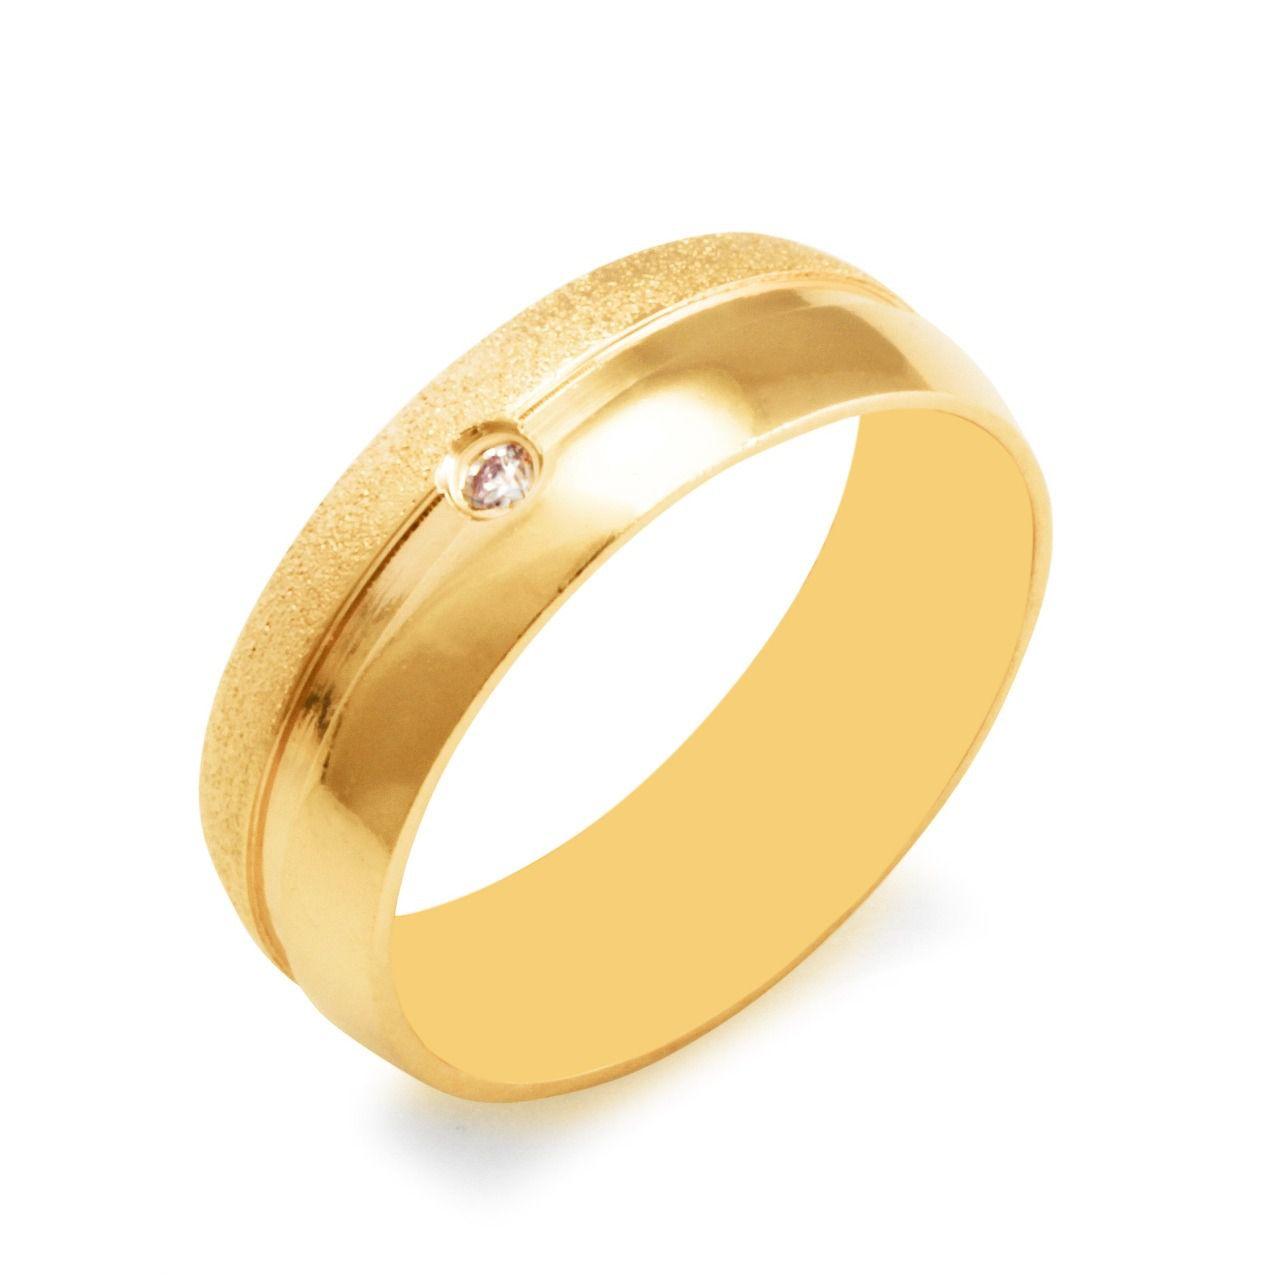 Aliança de Prata com banho de Ouro, Abaulada com Friso e Zircônia Central, 1 faixa Jateada- O PAR